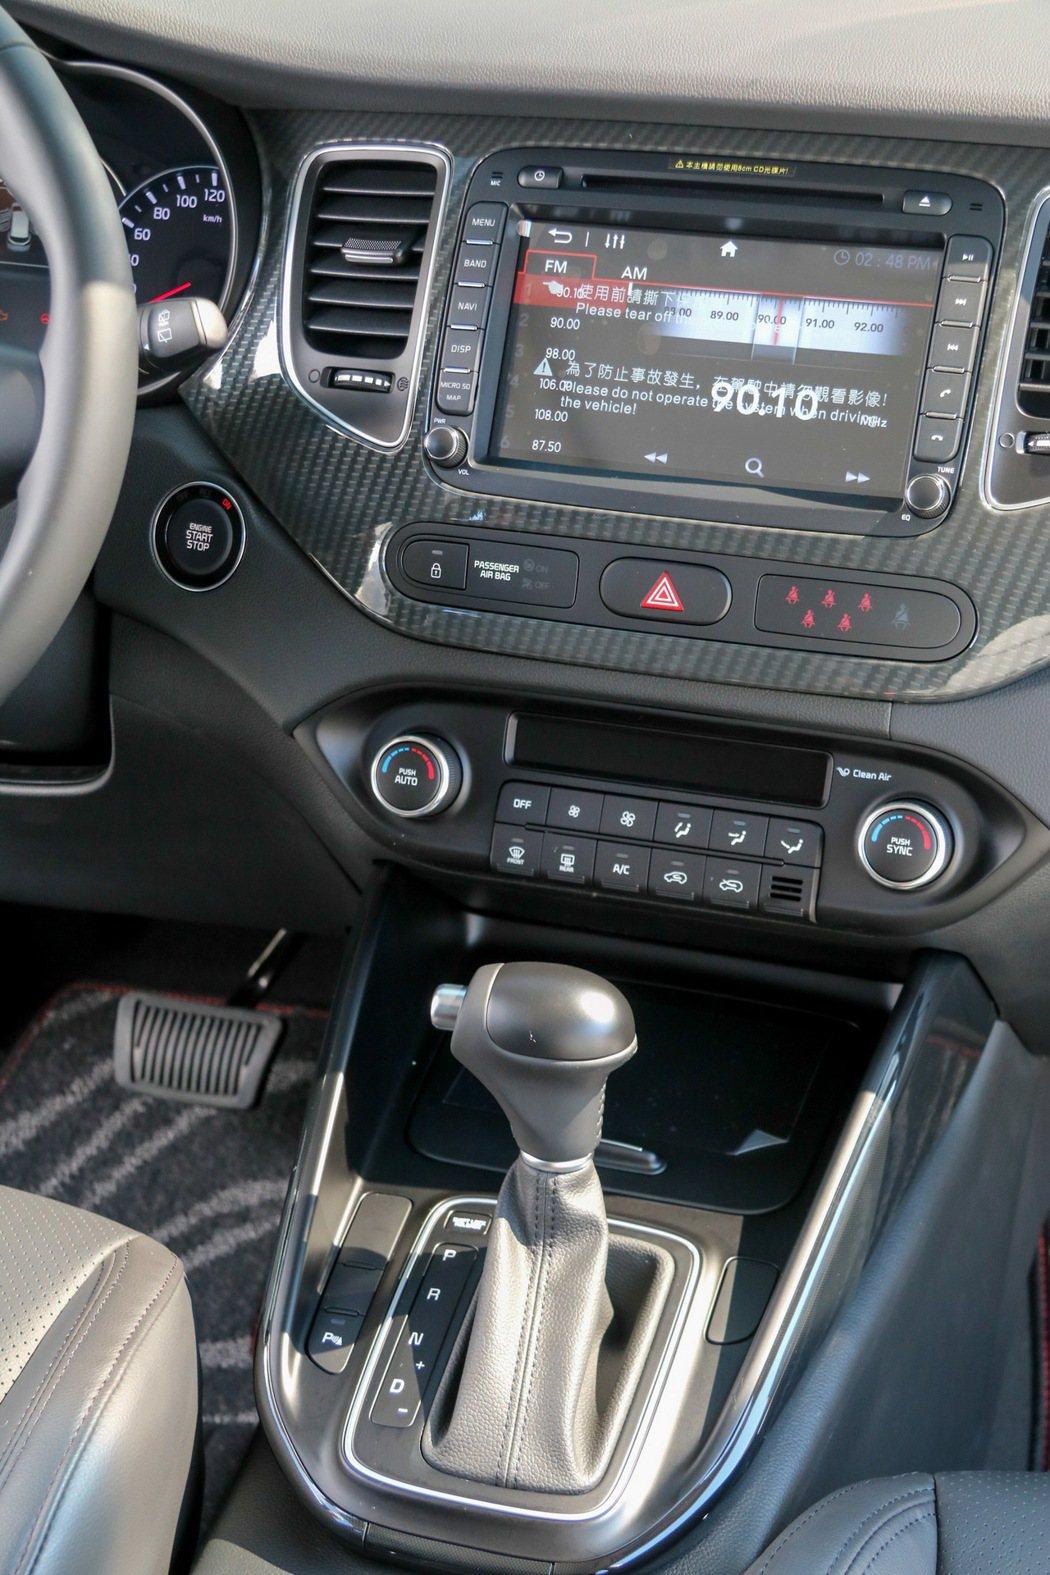 KIA Carens內裝設計風格大幅強化運動氣息。 記者史榮恩/攝影